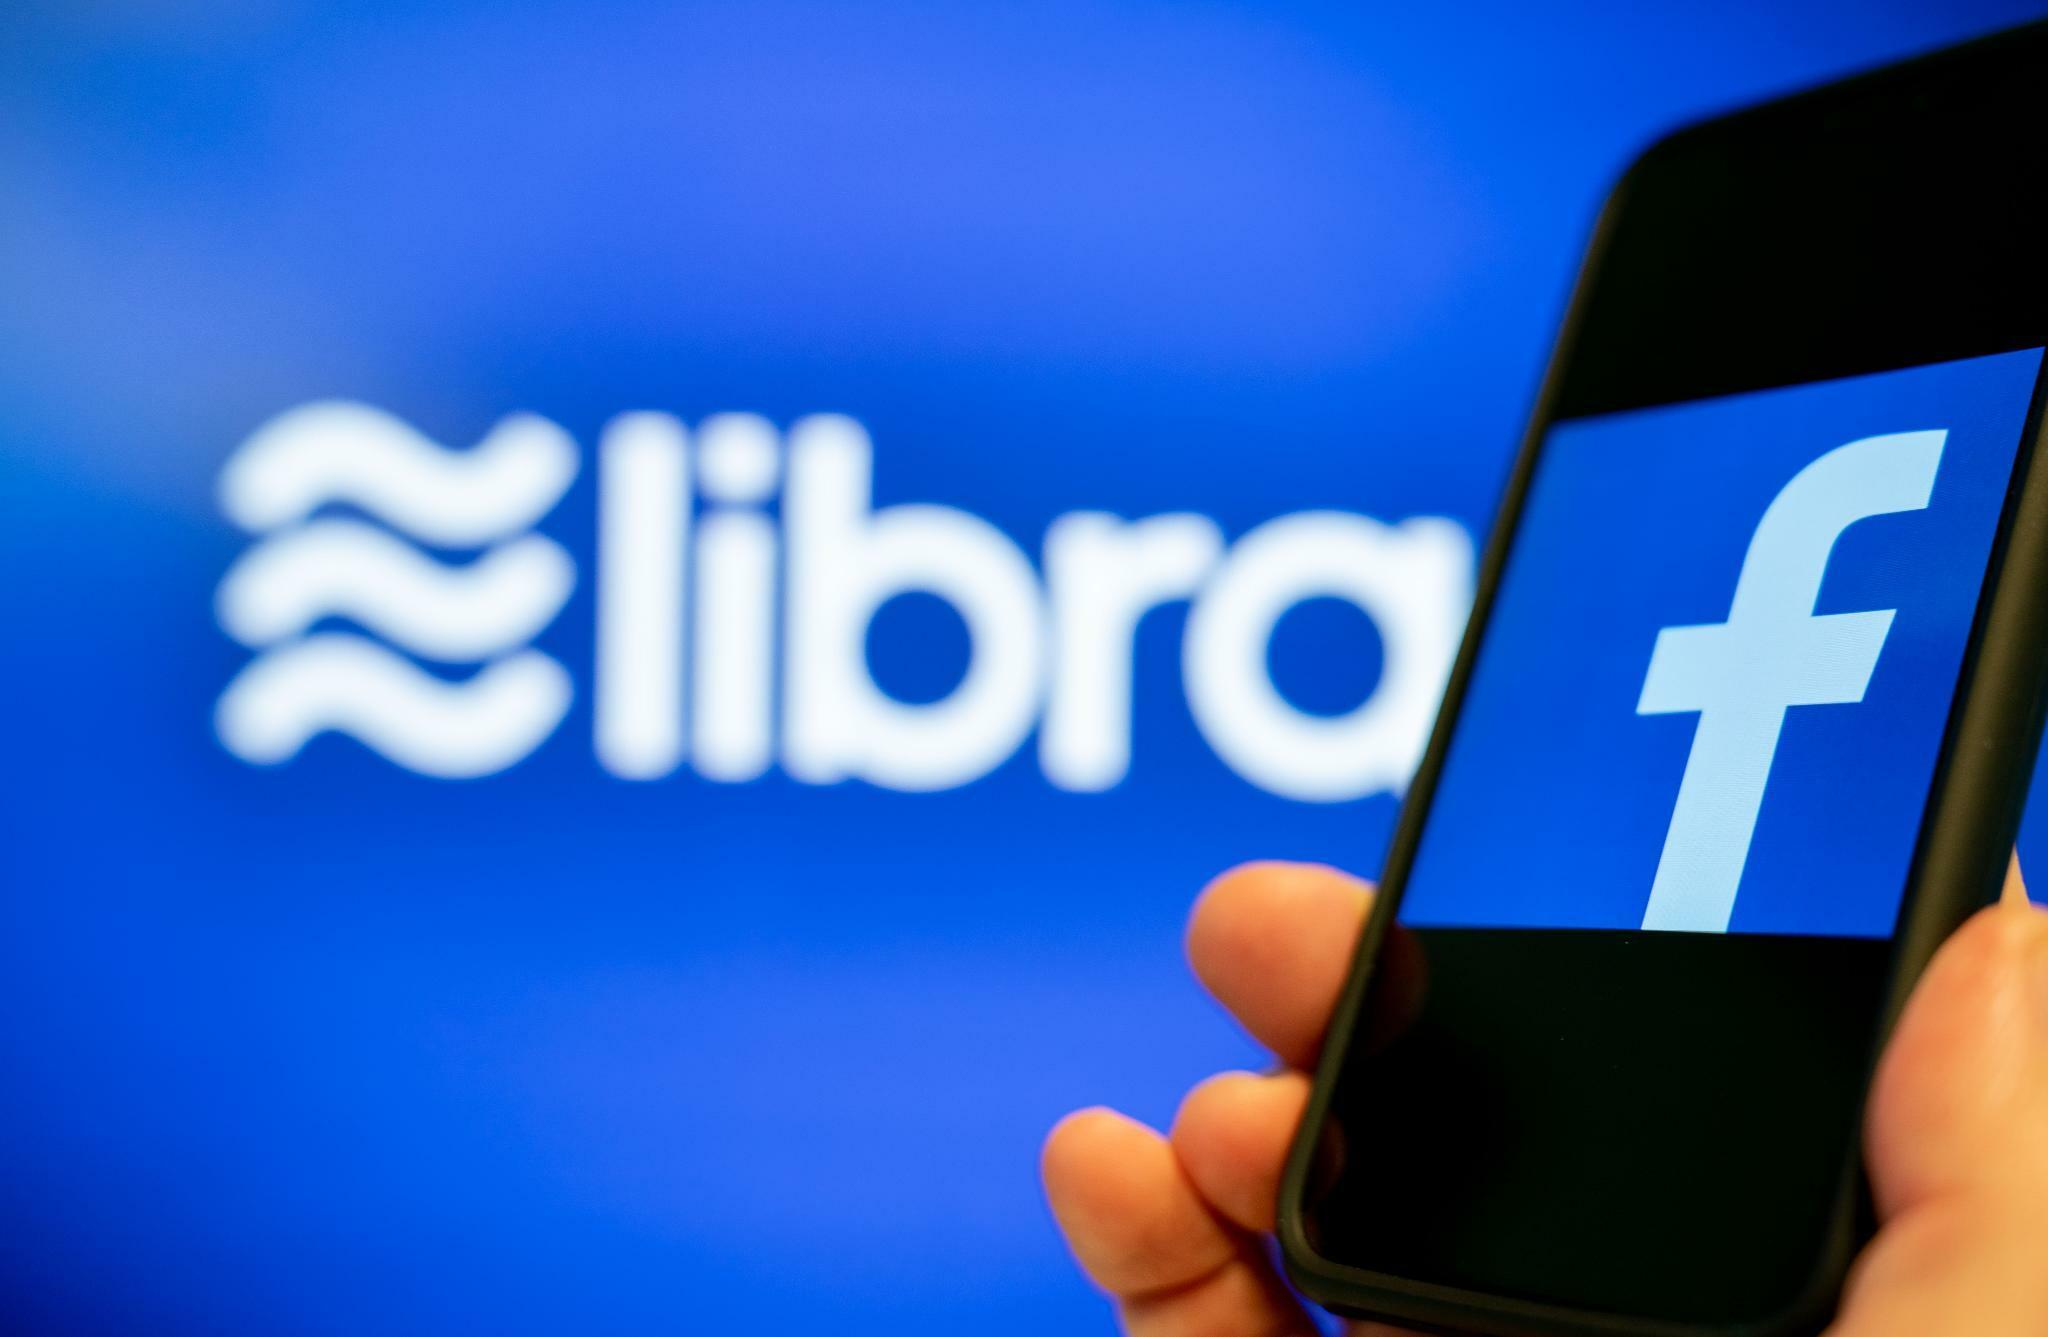 Libra: EU-Wettbewerbsbehörden prüfen offenbar Facebooks Kryptowährung